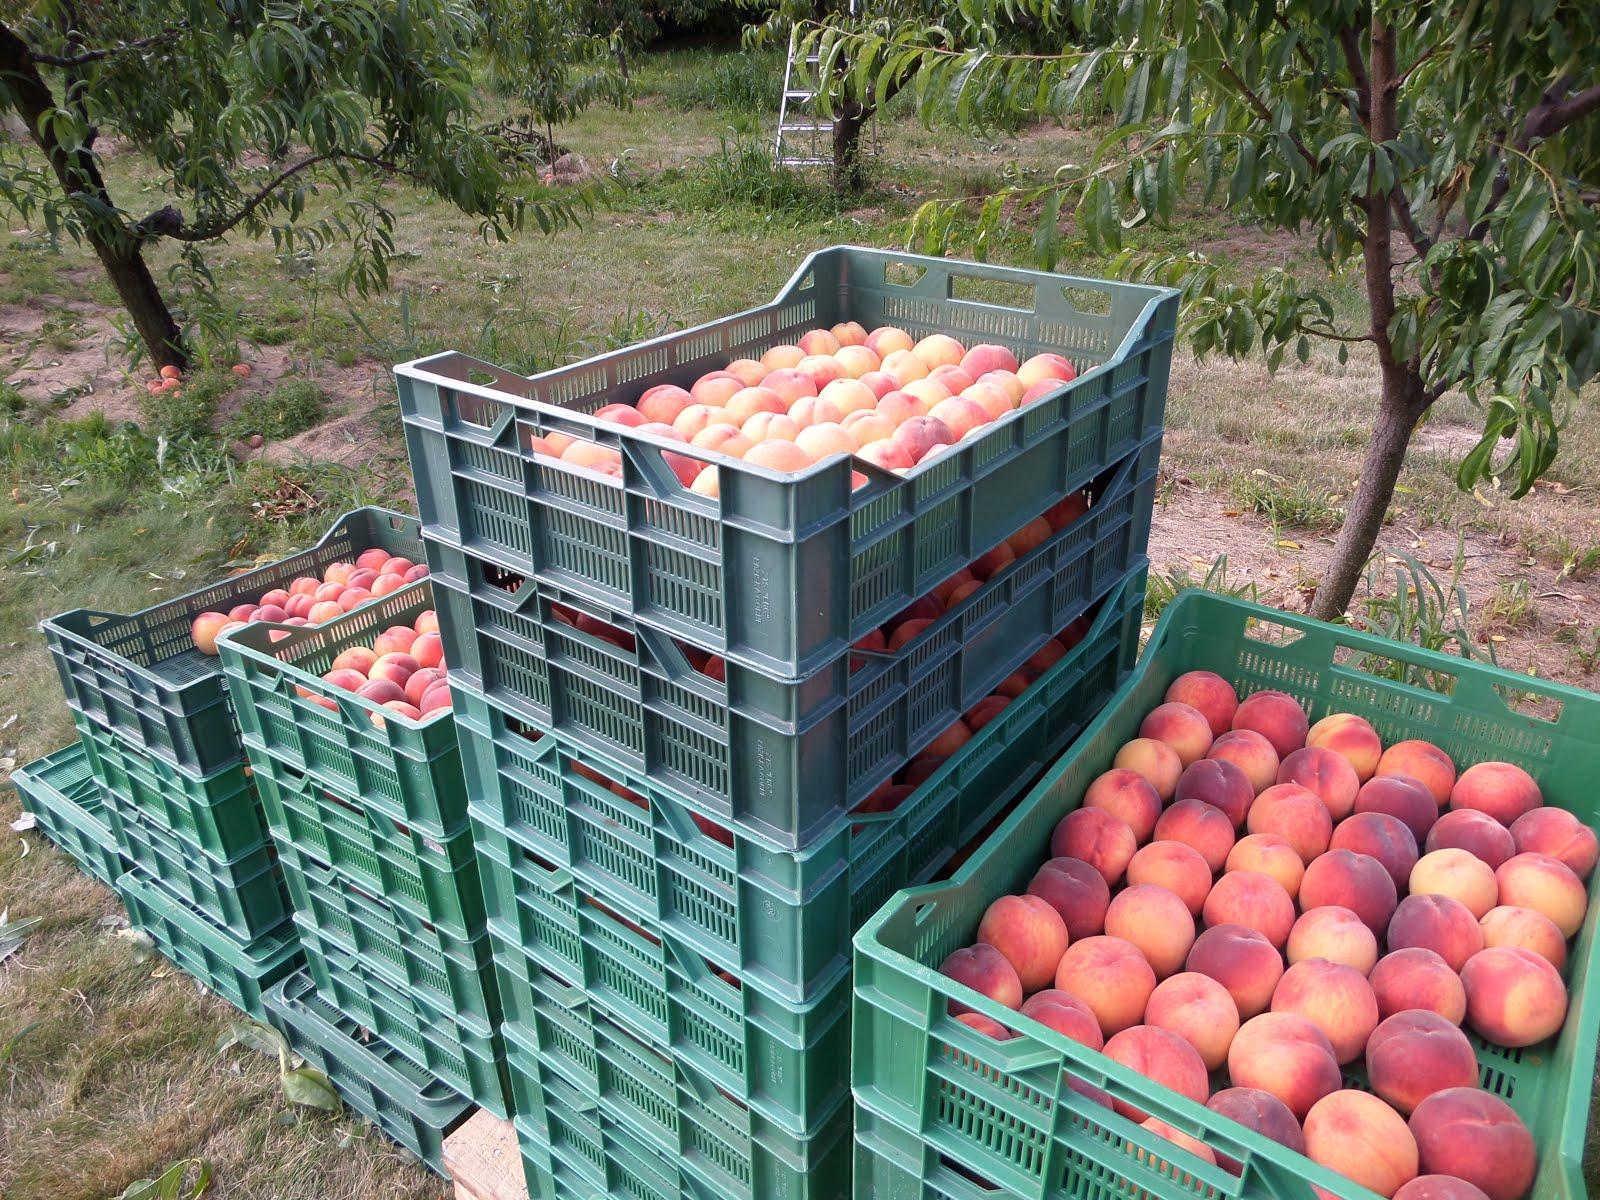 Brzoskwiniowy sad poleca owoce świeże, zdrowe i ekologiczne